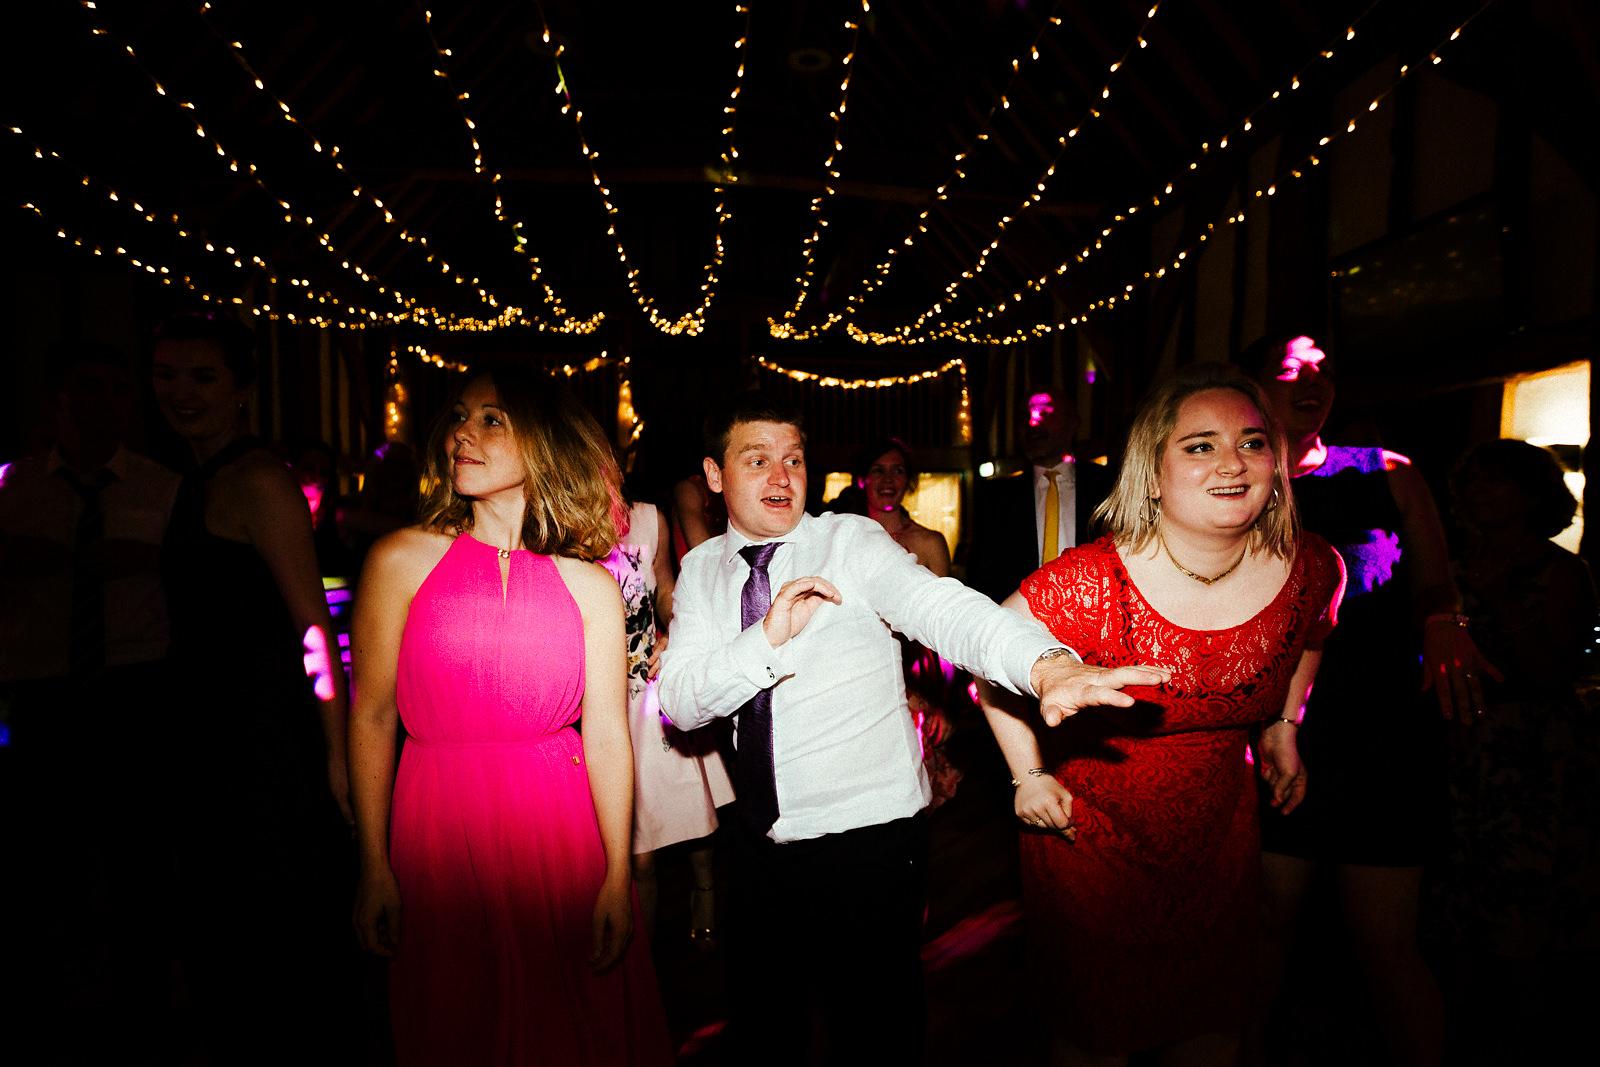 Fun Party photos at Tudor Barn in Burnham